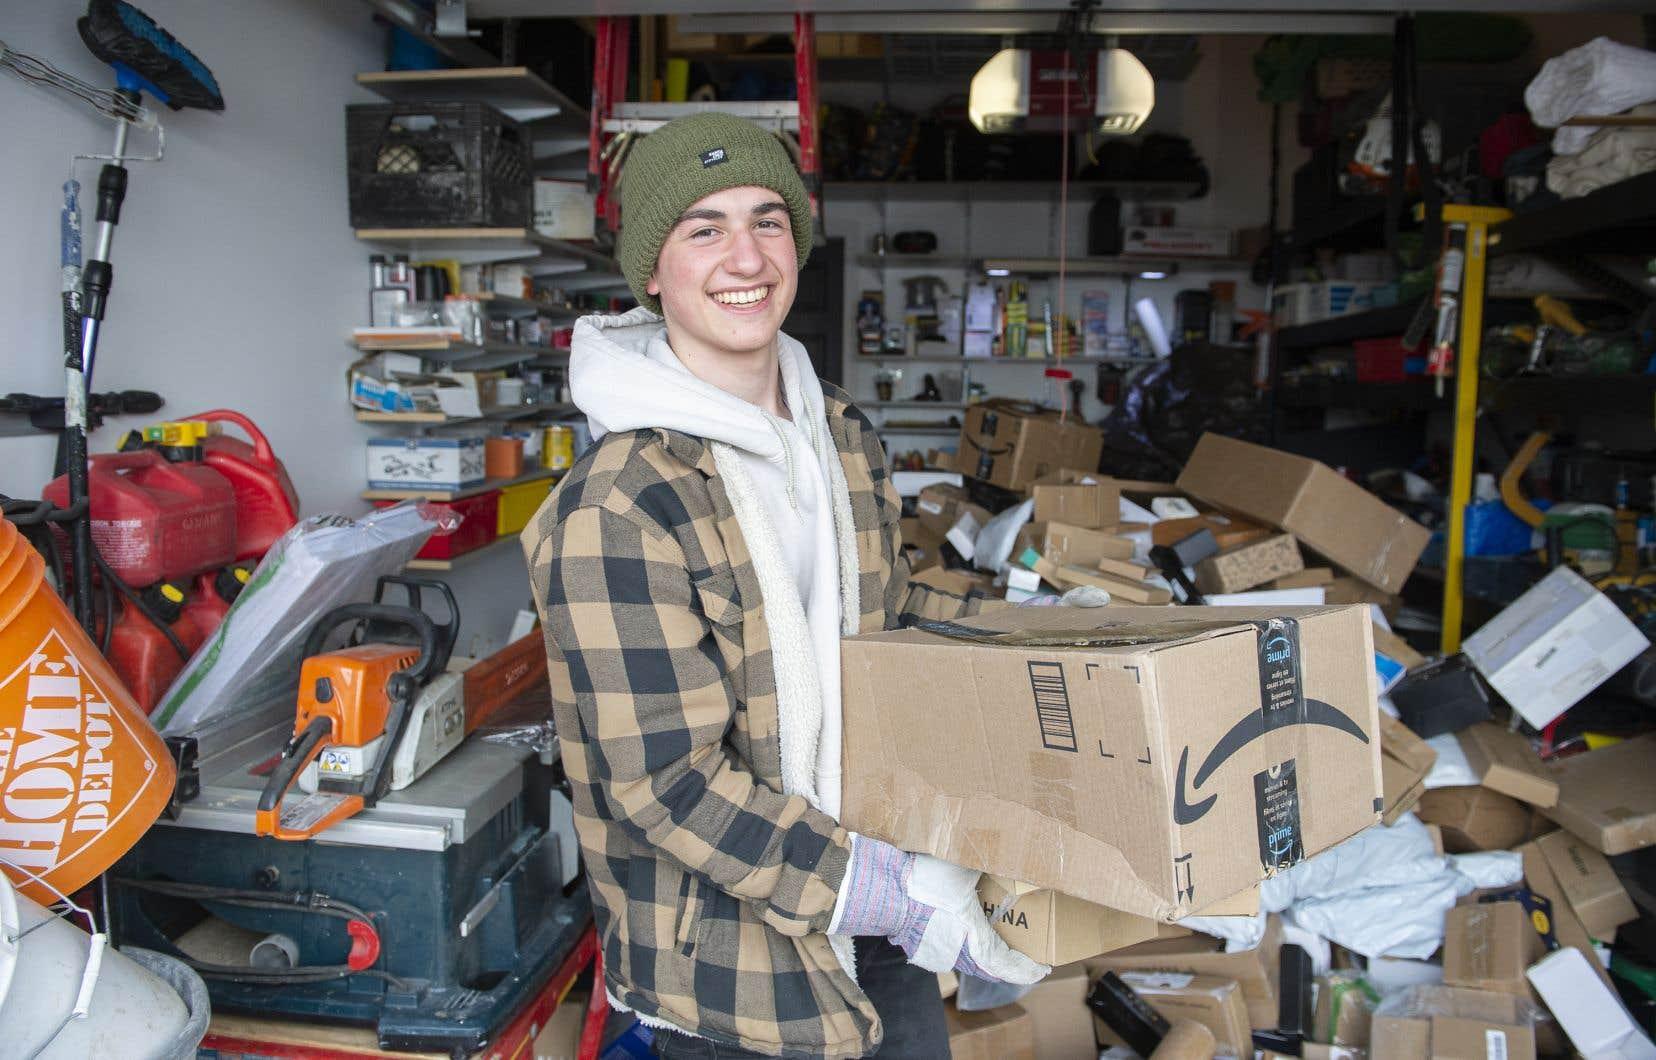 Maxime Francœur, un entrepreneur âgé de 18ans, a procédé samedi à Longueuil à sa deuxième vente de «boîtes-mystères d'Amazon Canada».